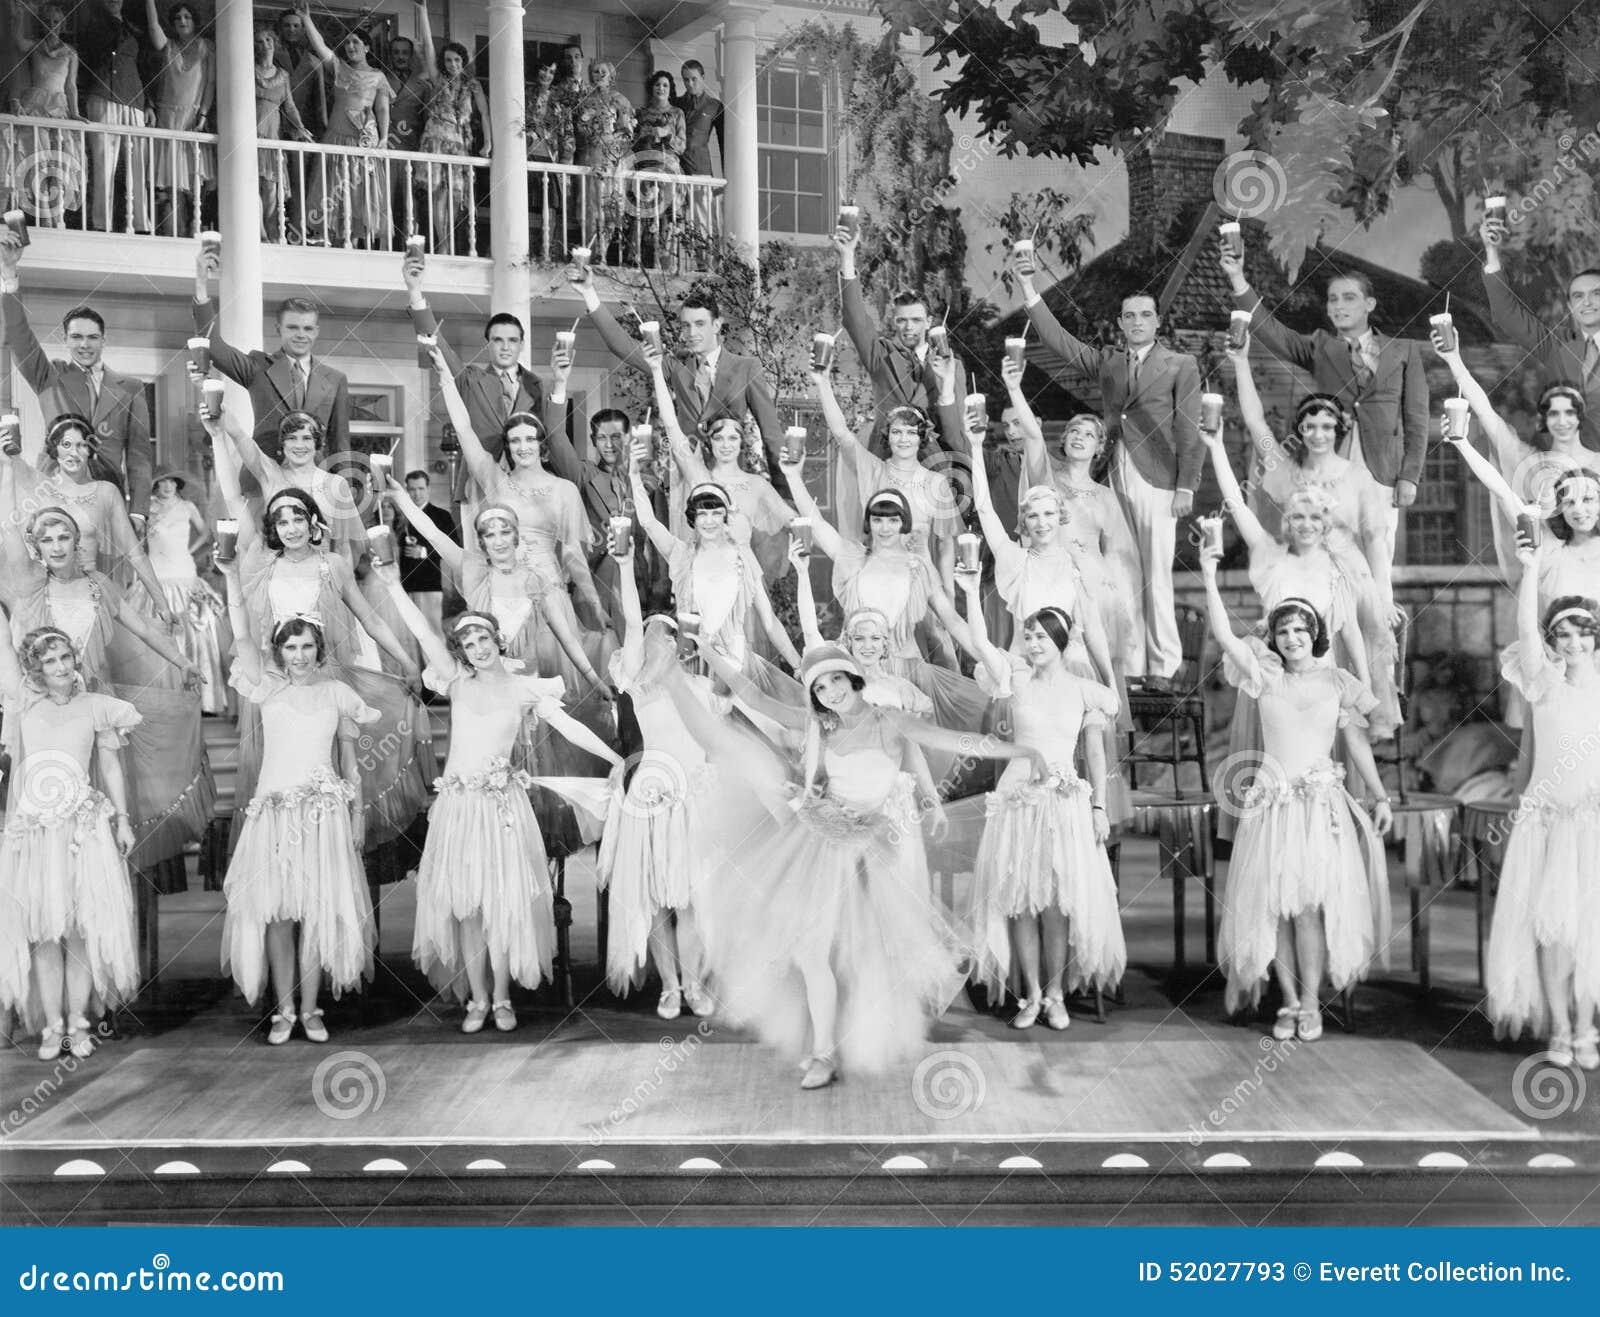 Ομάδα χορευτών που στέκονται σε ένα στάδιο με τα όπλα τους στον αέρα και ένα ποτό στα χέρια τους (όλα τα πρόσωπα που απεικονίζοντ